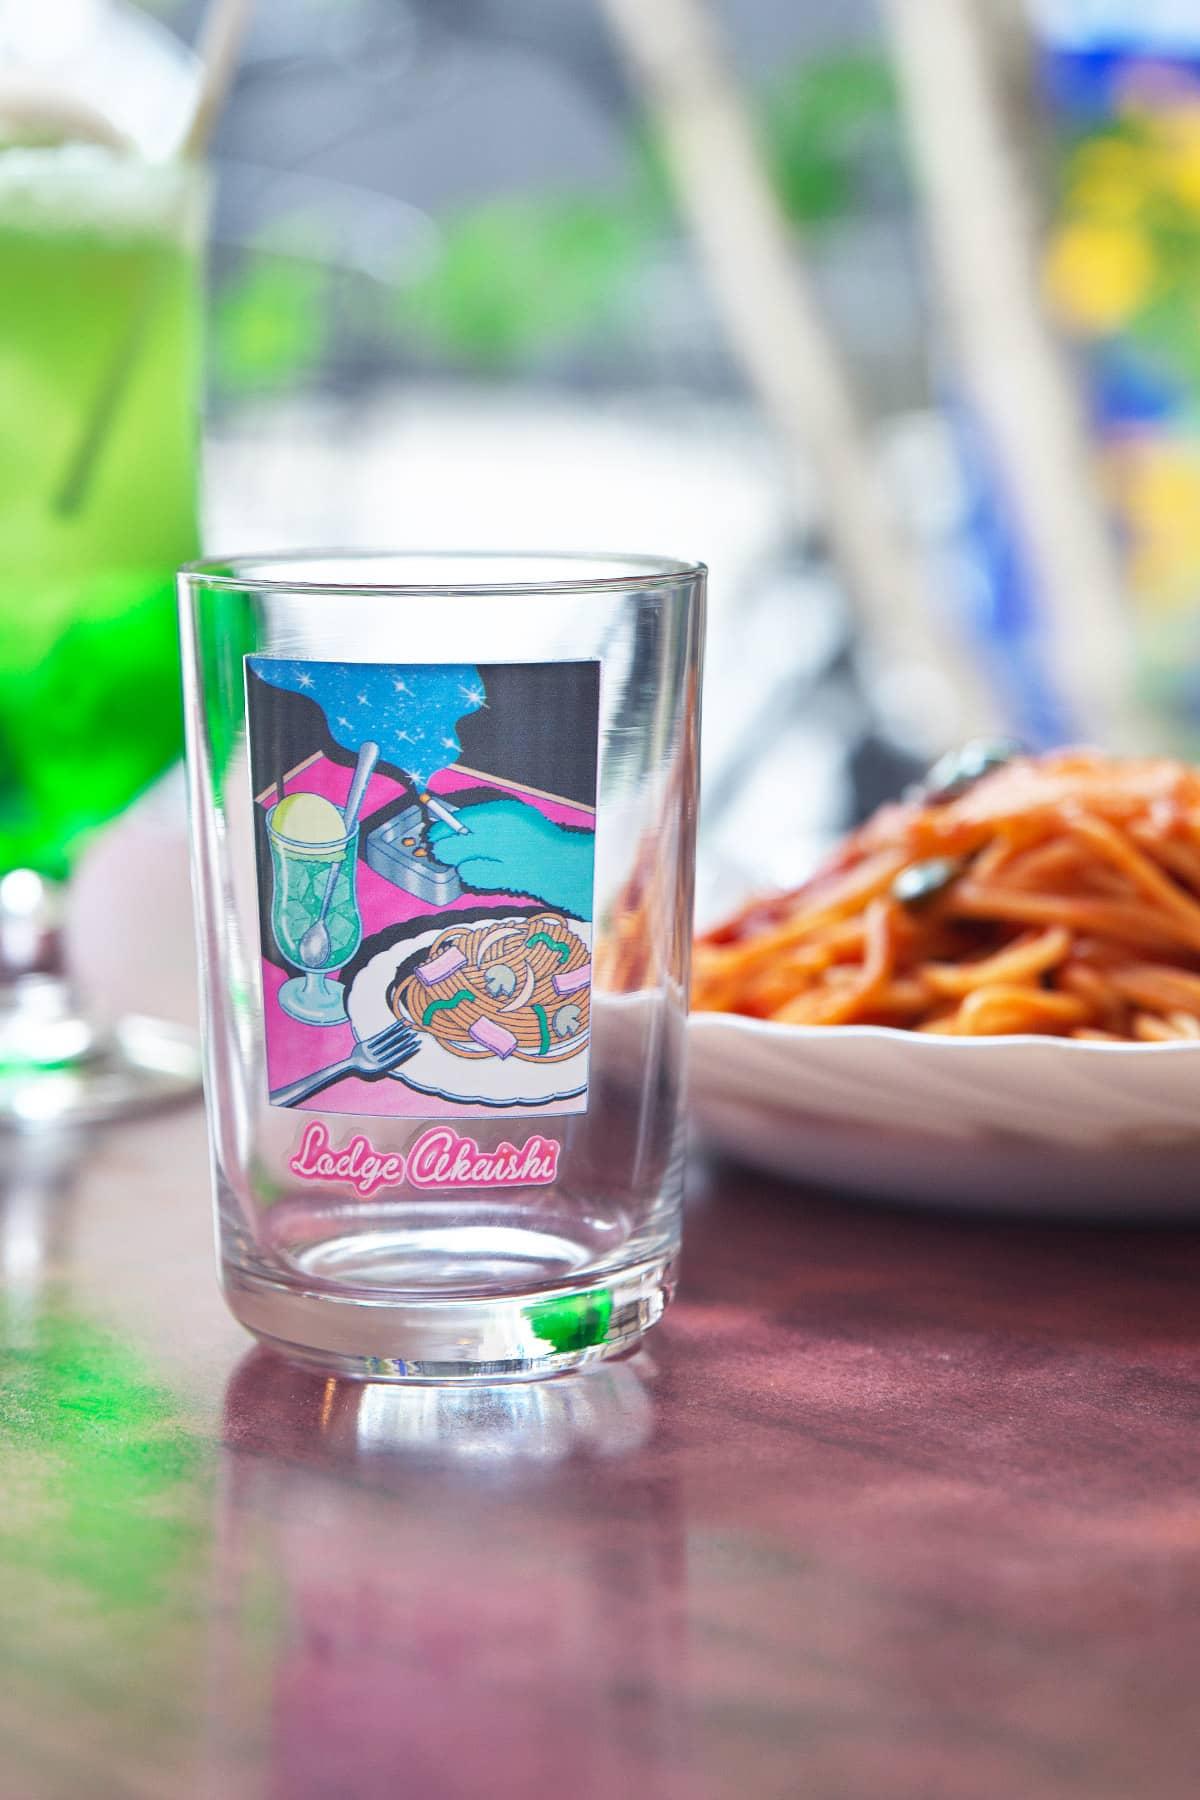 ナポリタン グラス/小雨そぉだ